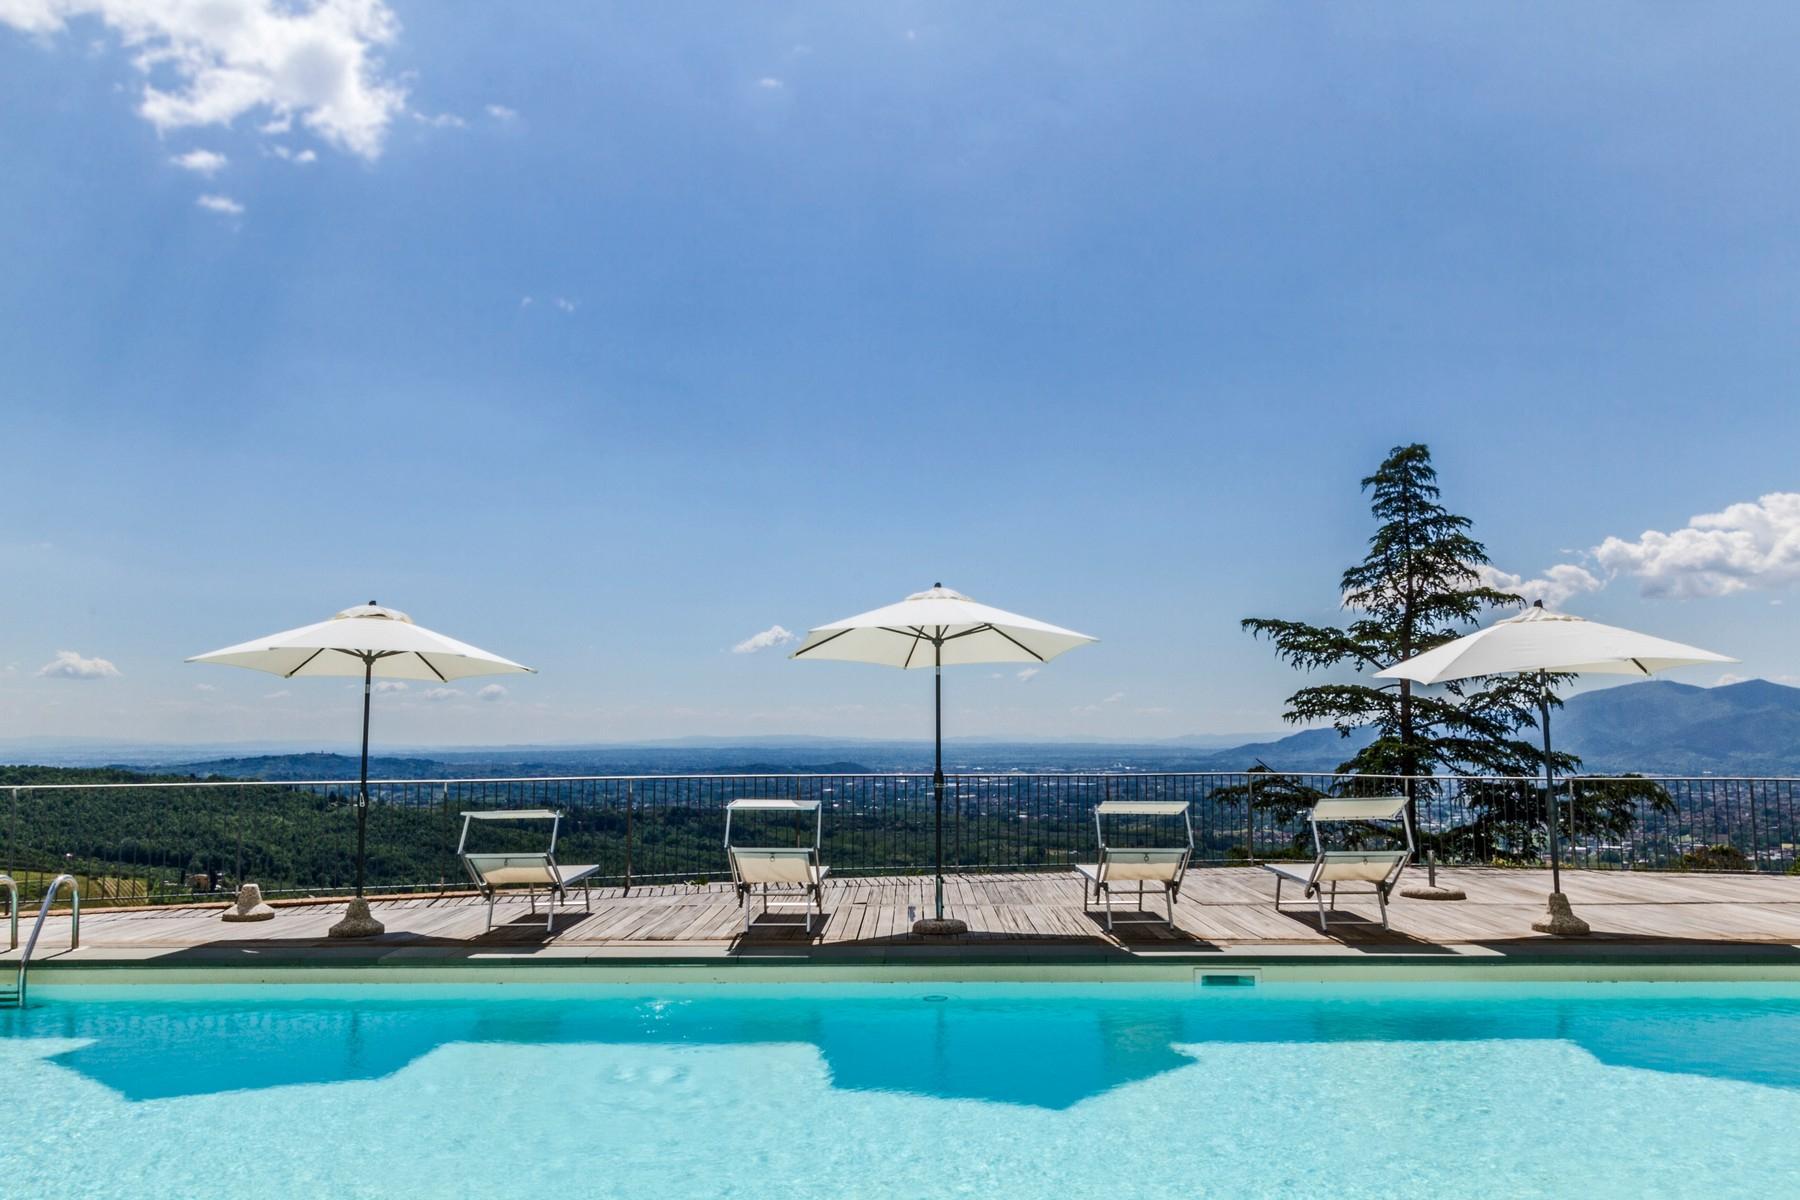 Appartamento di pregio in resort esclusivo con villa storica sulle colline di Lucca - 15